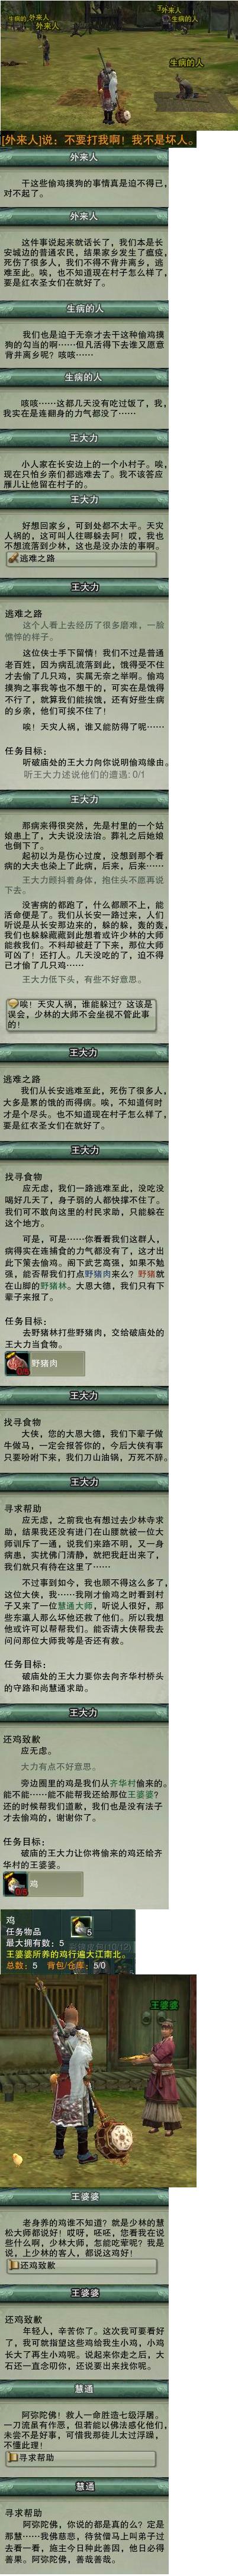 小任务 - 齐华村 王大力.jpg